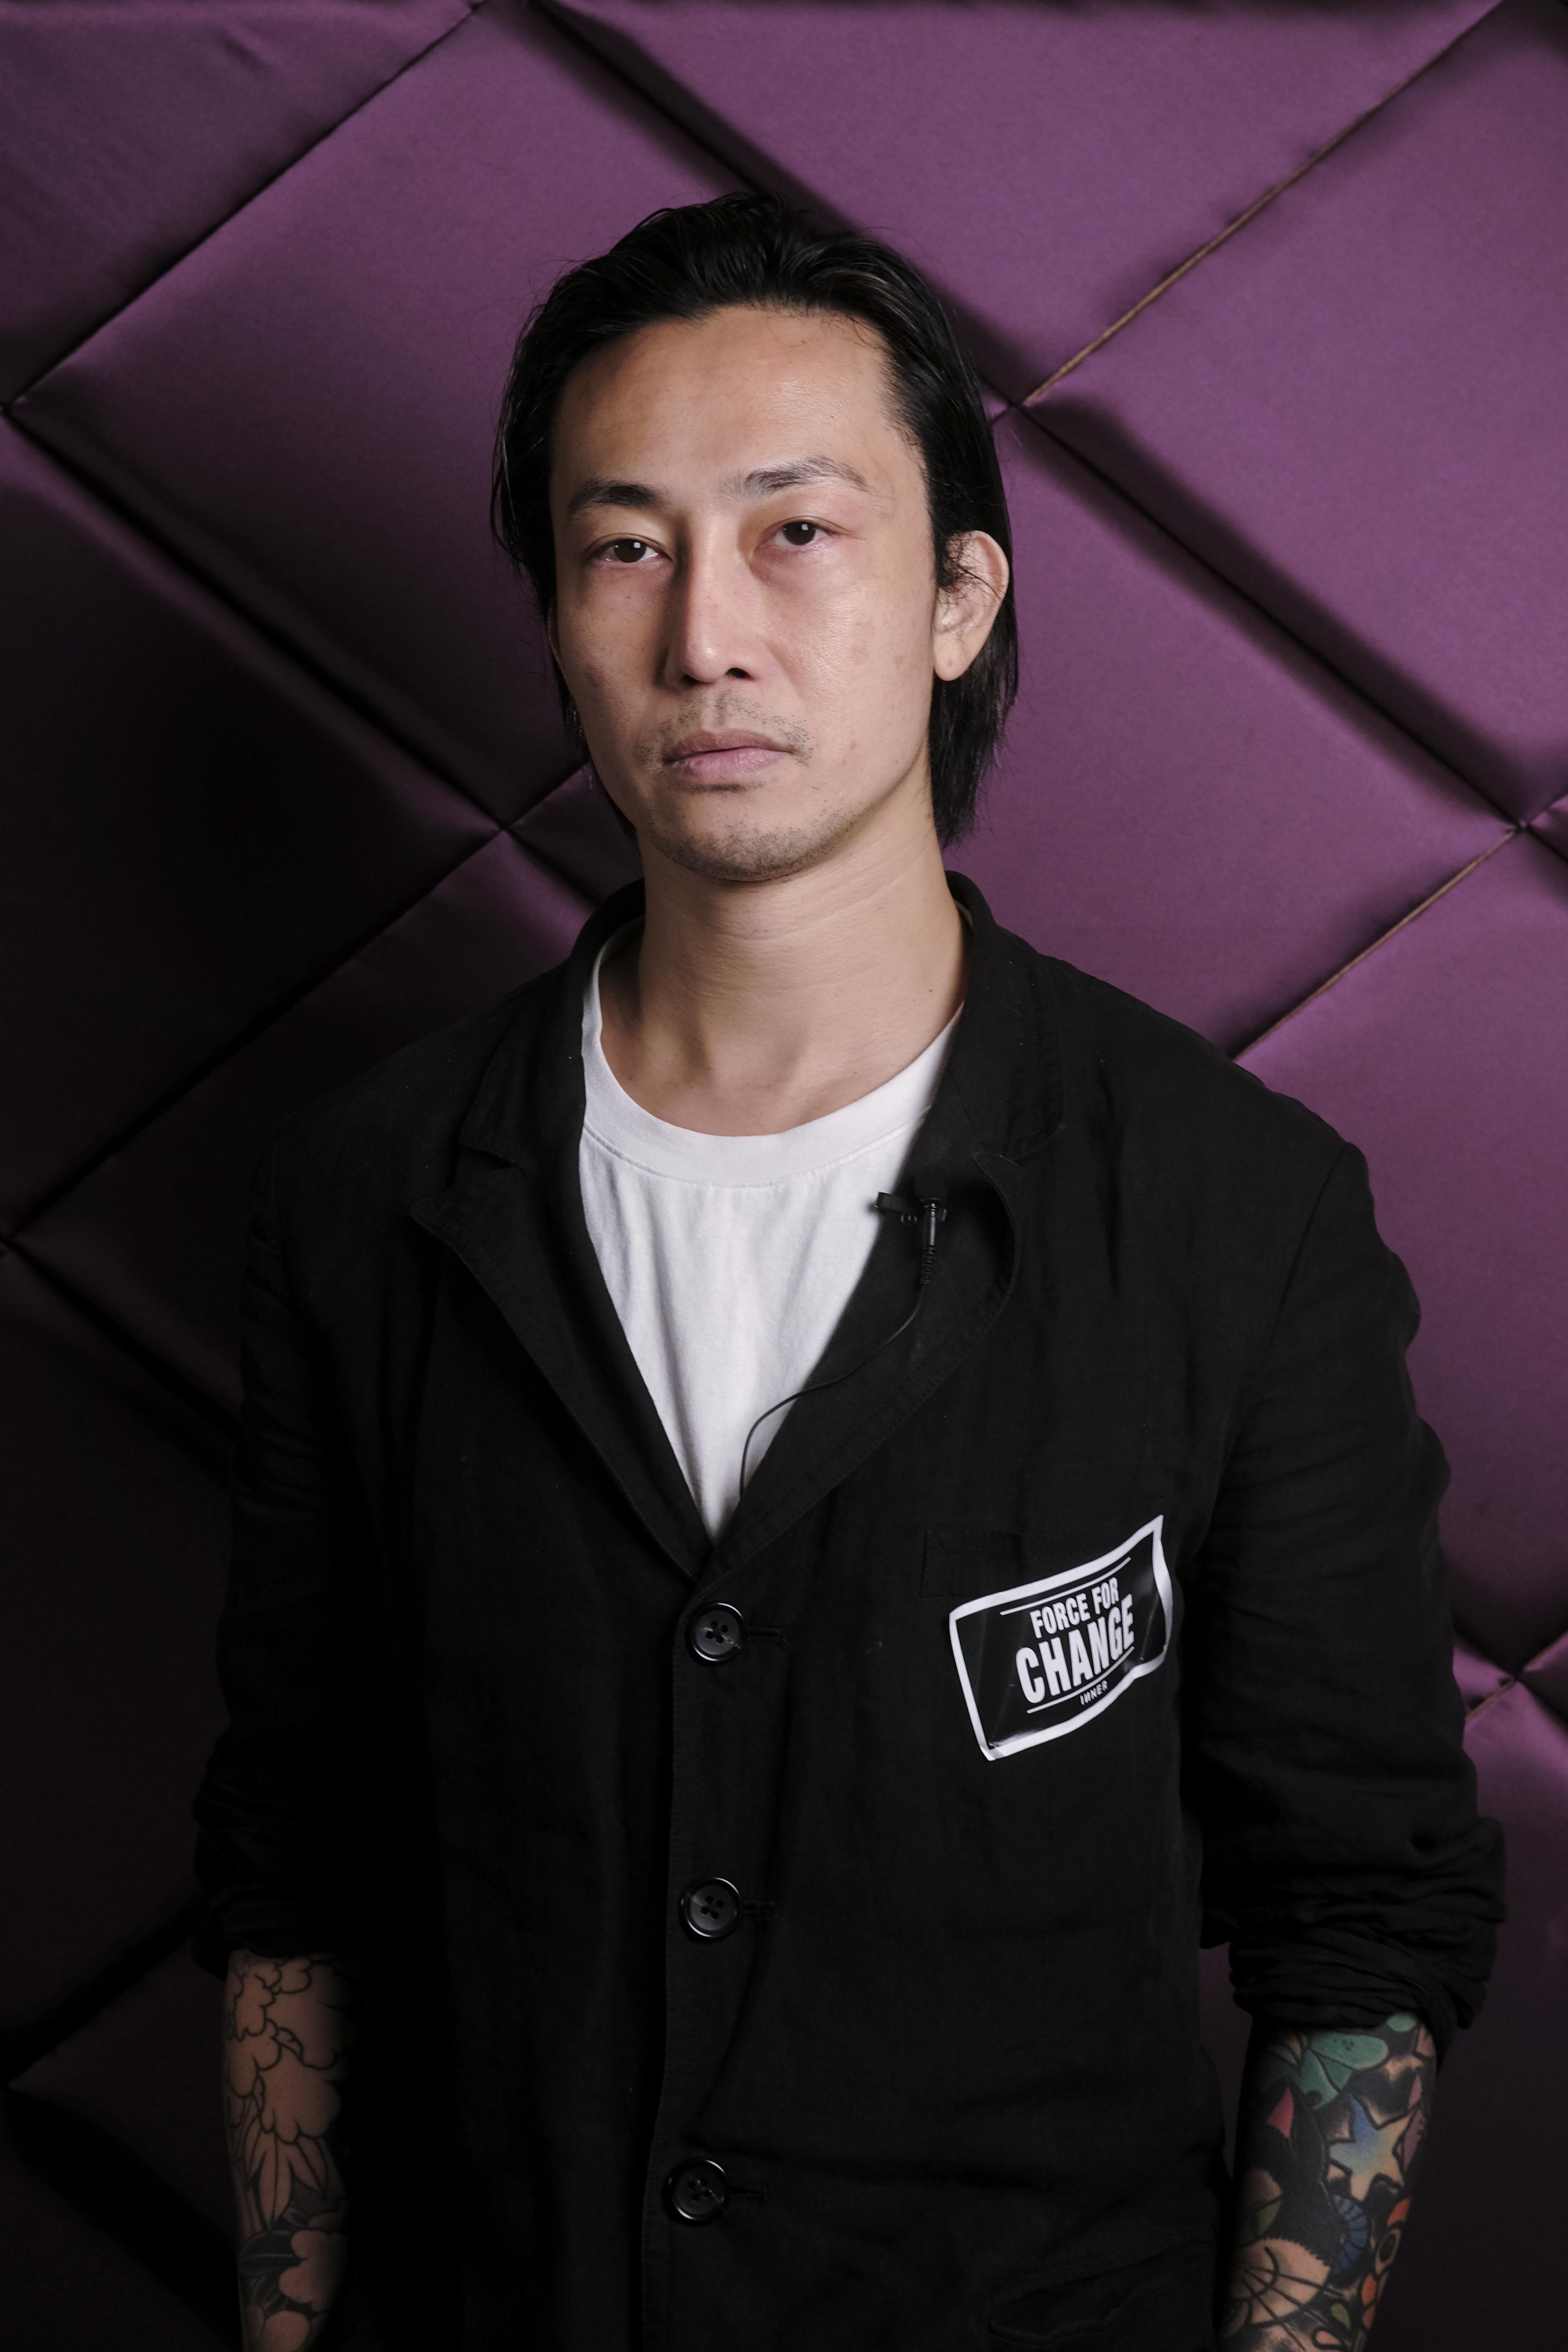 評審Lawrence Chan是一位資深髮型師,於業內工作二十二年,現職Queen's Private-i Salon,曾為陳慧琳、韓國時尚達人Irene Kim、國際超模Coco Rocha等設計髮型。